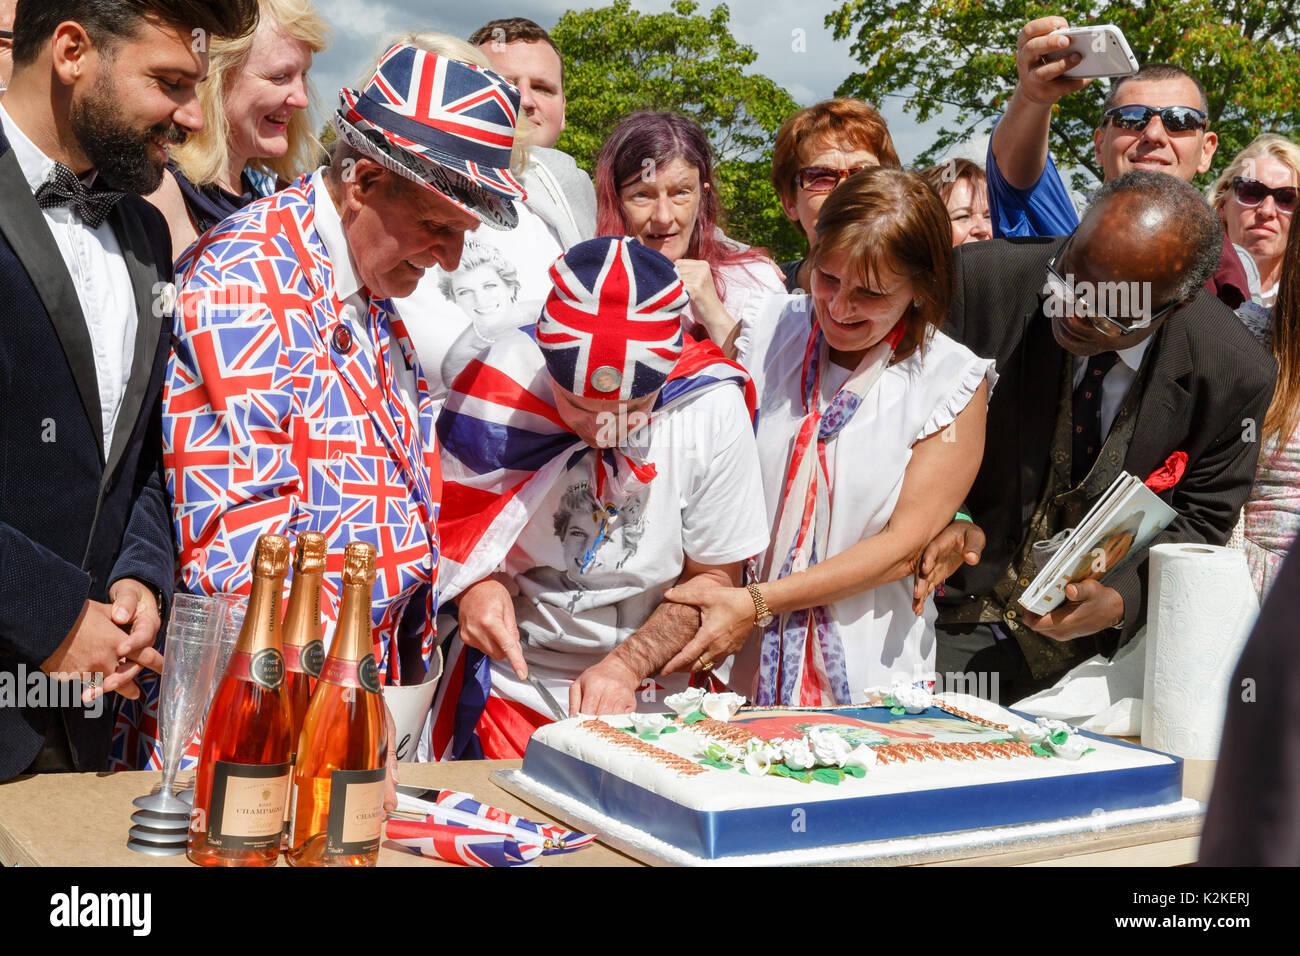 Londres, Royaume-Uni. Août 31, 2017. Superfans Terry Hutt regarde John Loughrey, coupe un gâteau commémoratif à la mémoire de la princesse Diana en face de Kensington Palace à l'occasion du 20ème anniversaire de sa mort. Credit: Amanda rose/Alamy Live News Banque D'Images